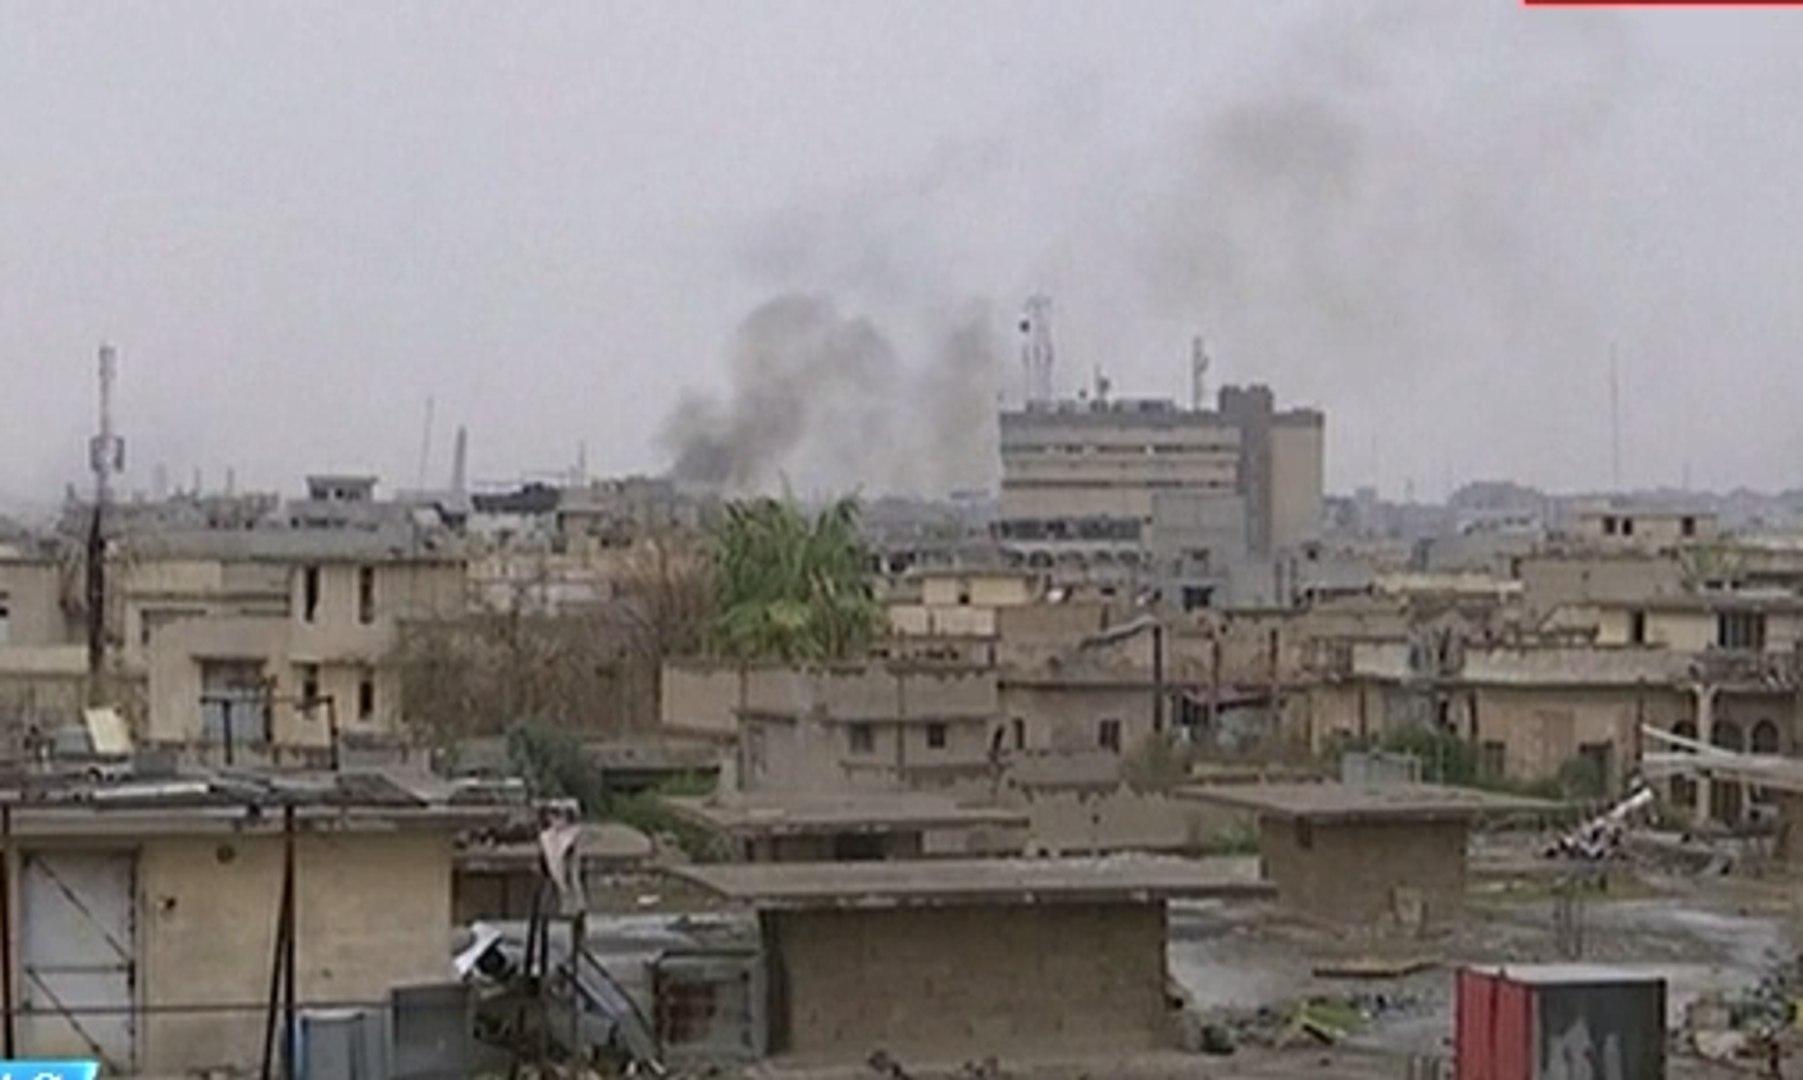 Pasukan Irak Kepung ISIS di Mosul Barat